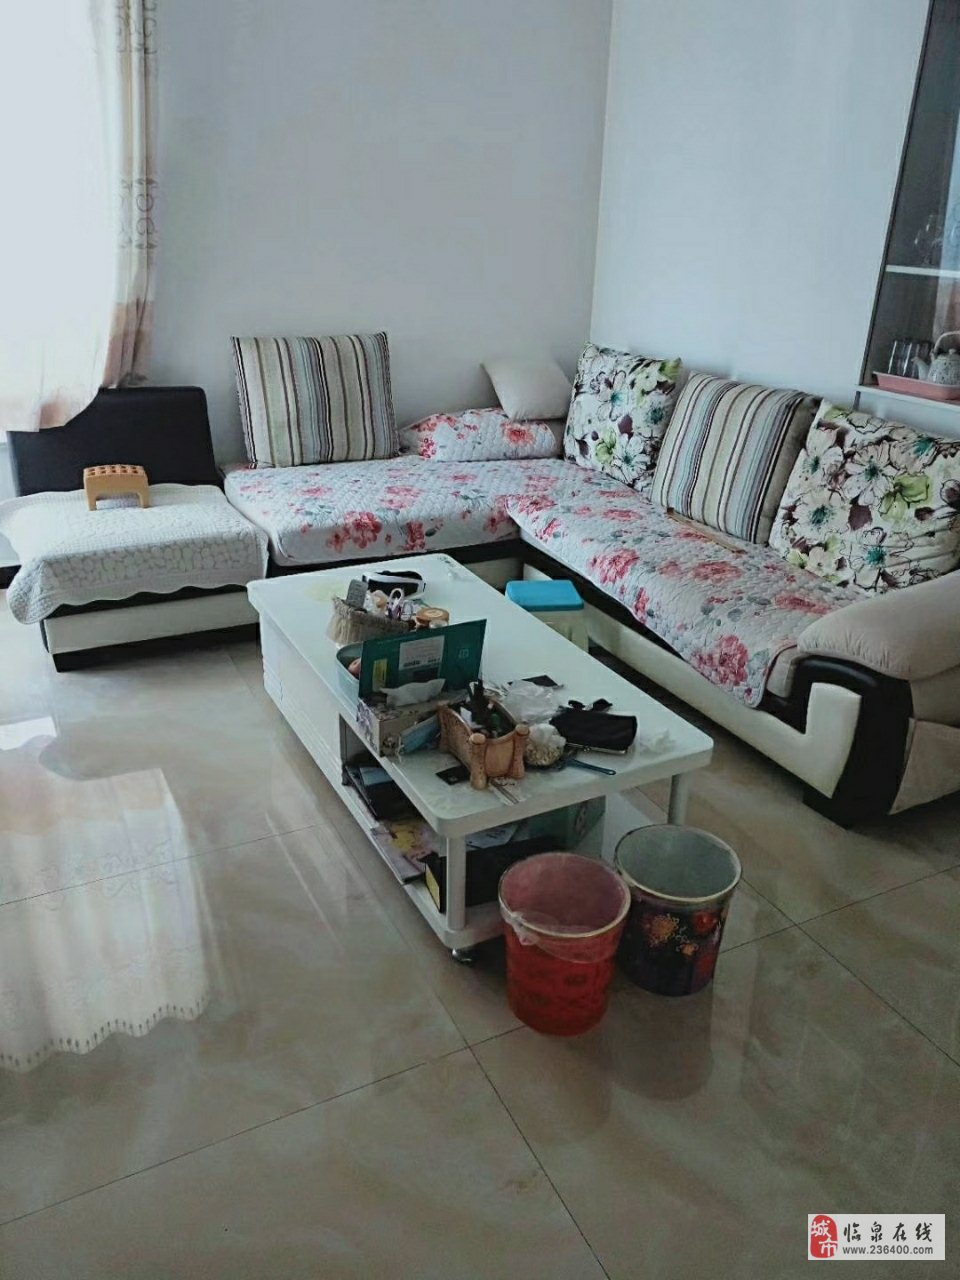 中泰锦城17楼顶楼精装修3室2厅1卫75万元